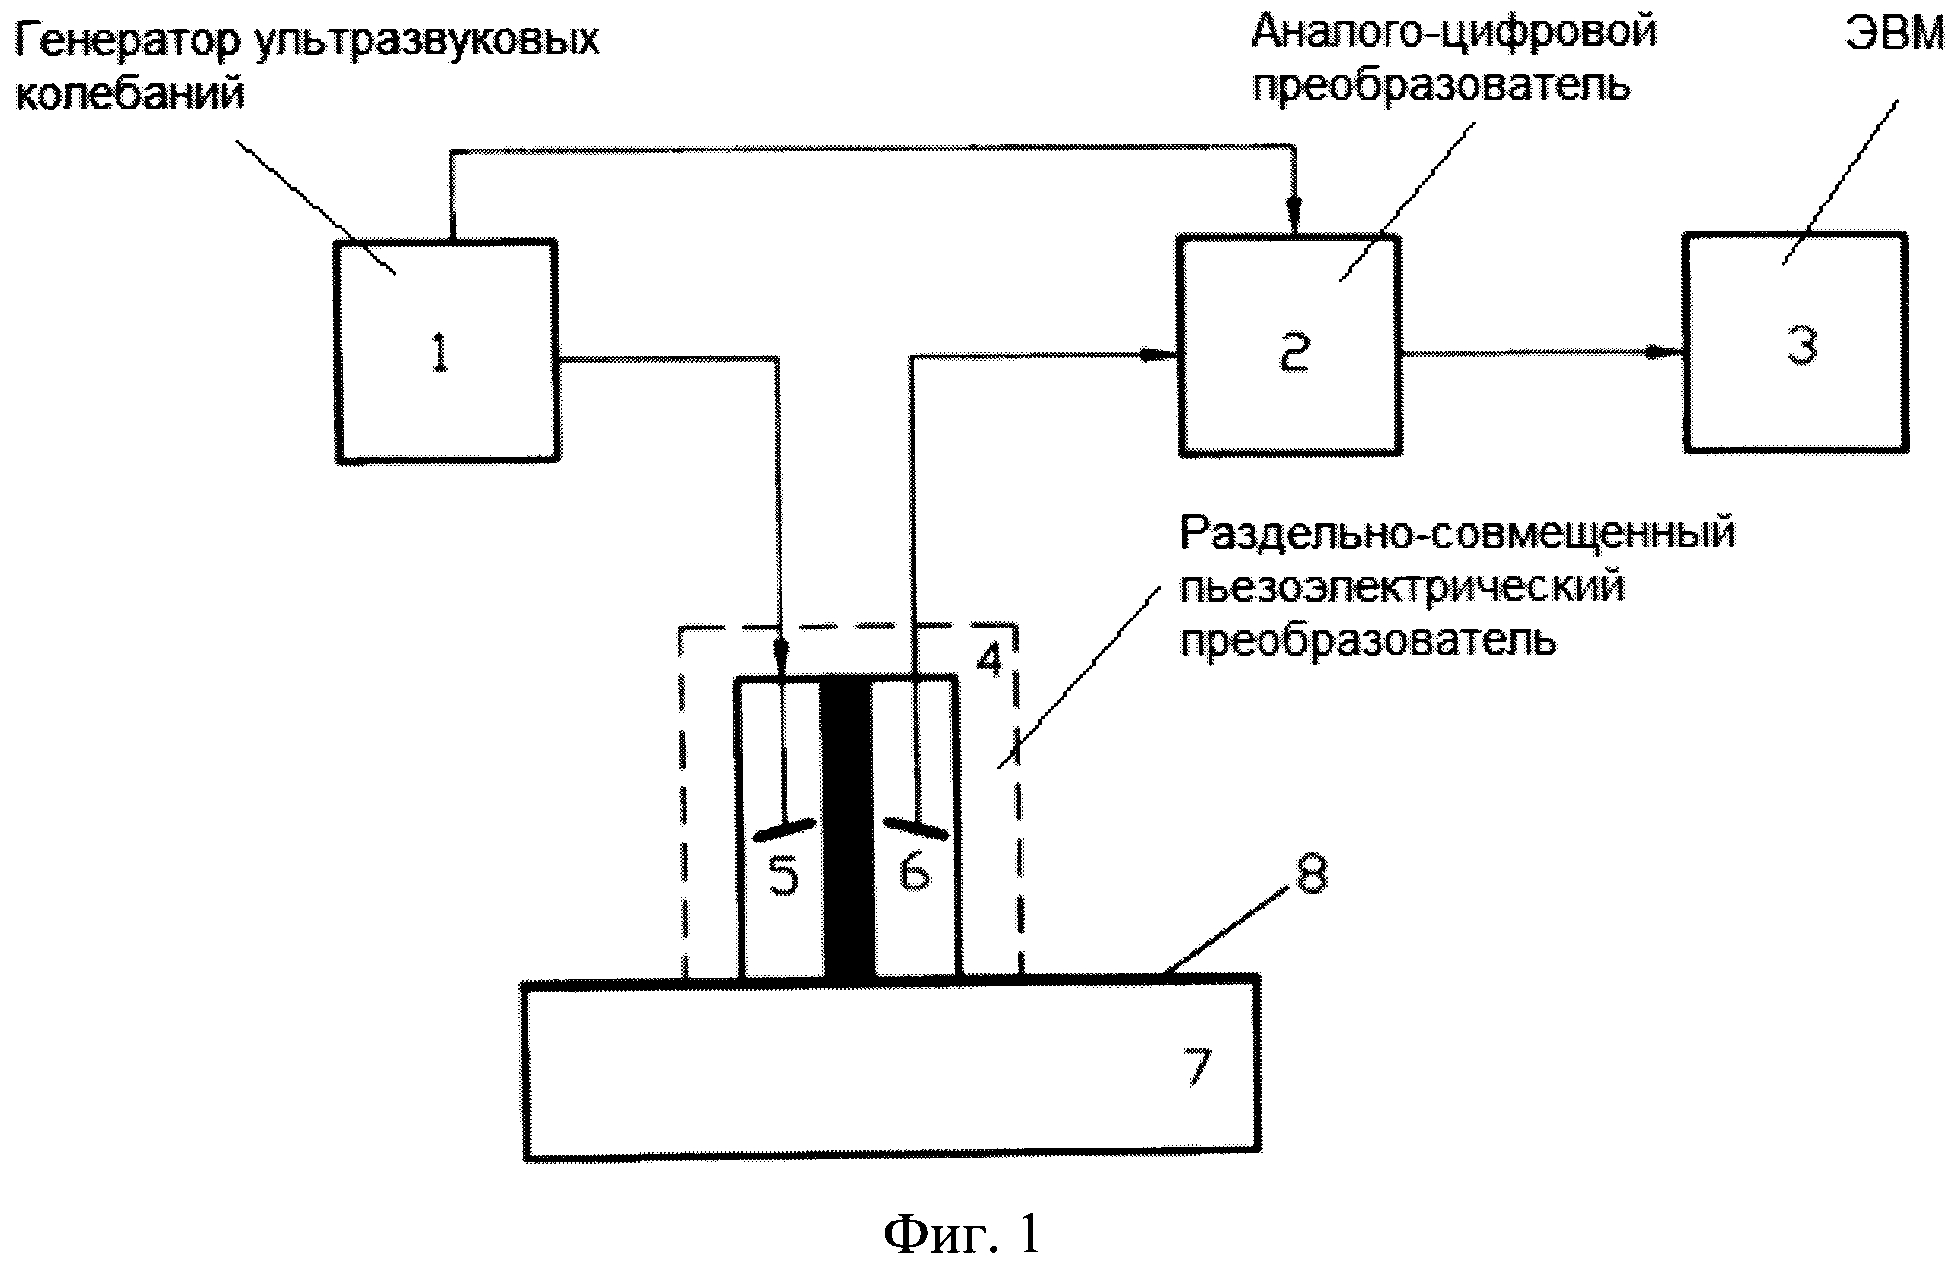 Способ ультразвукового контроля материала детали